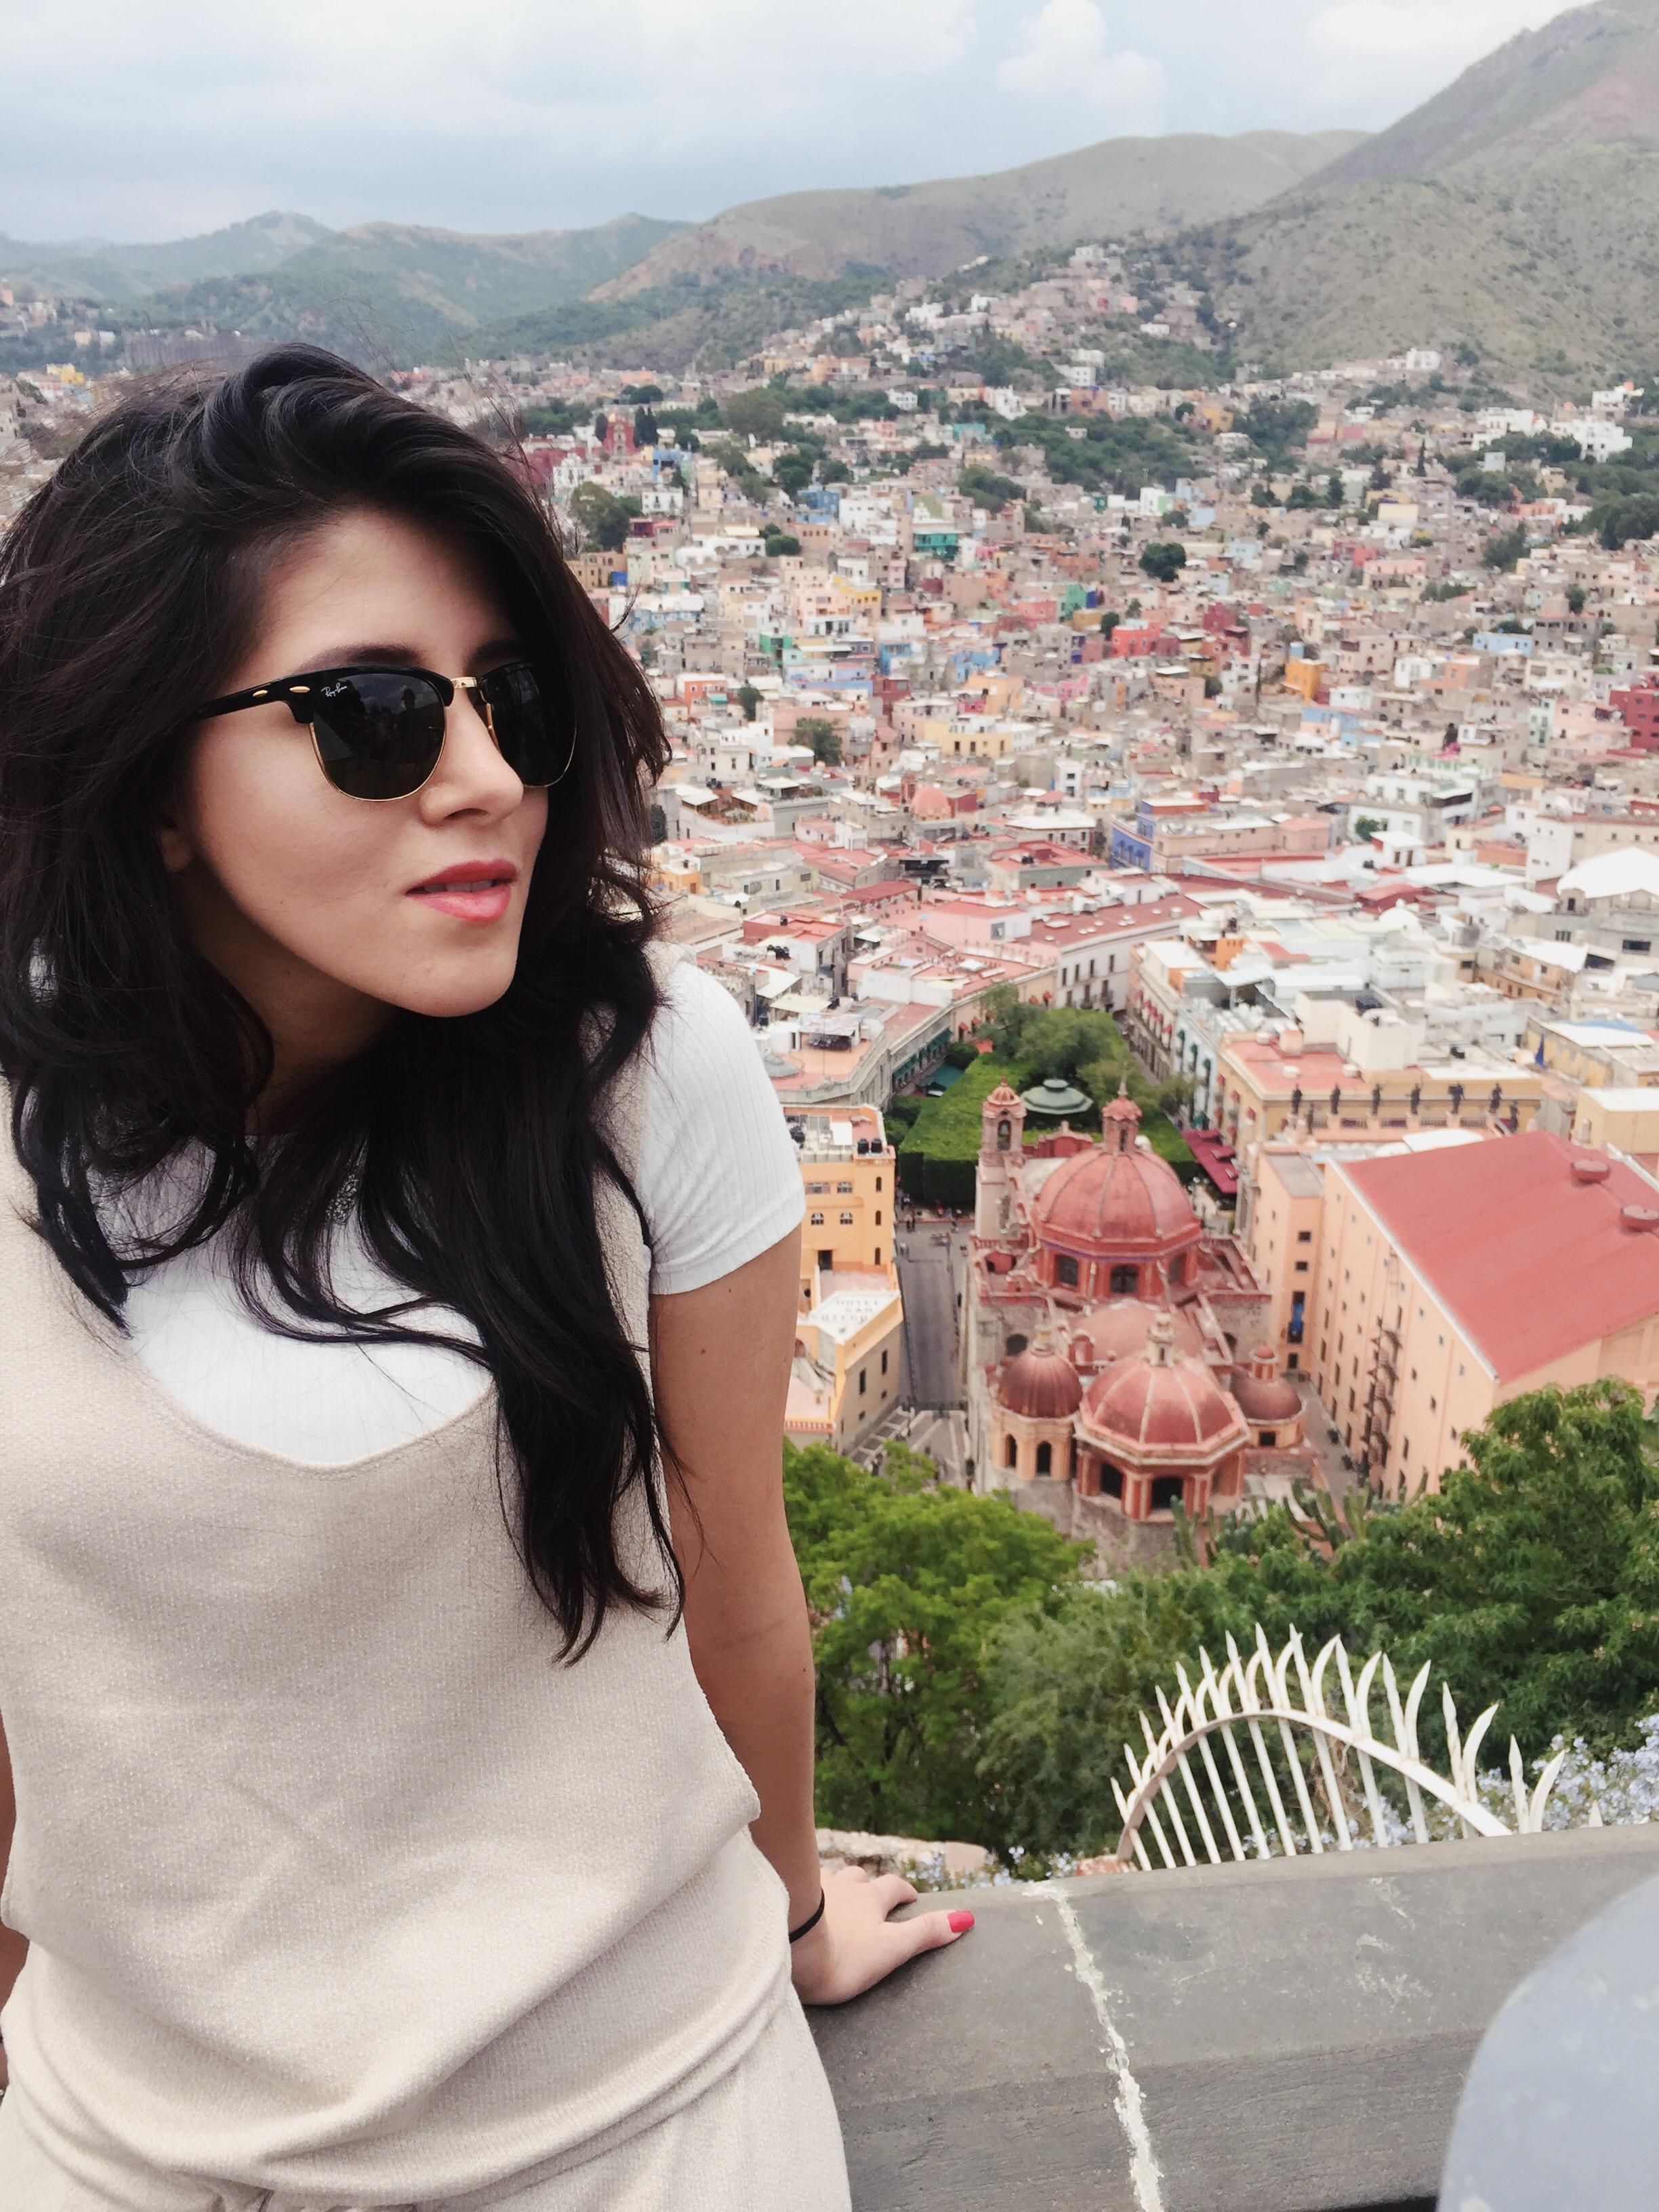 Wandering Through Guanajuato